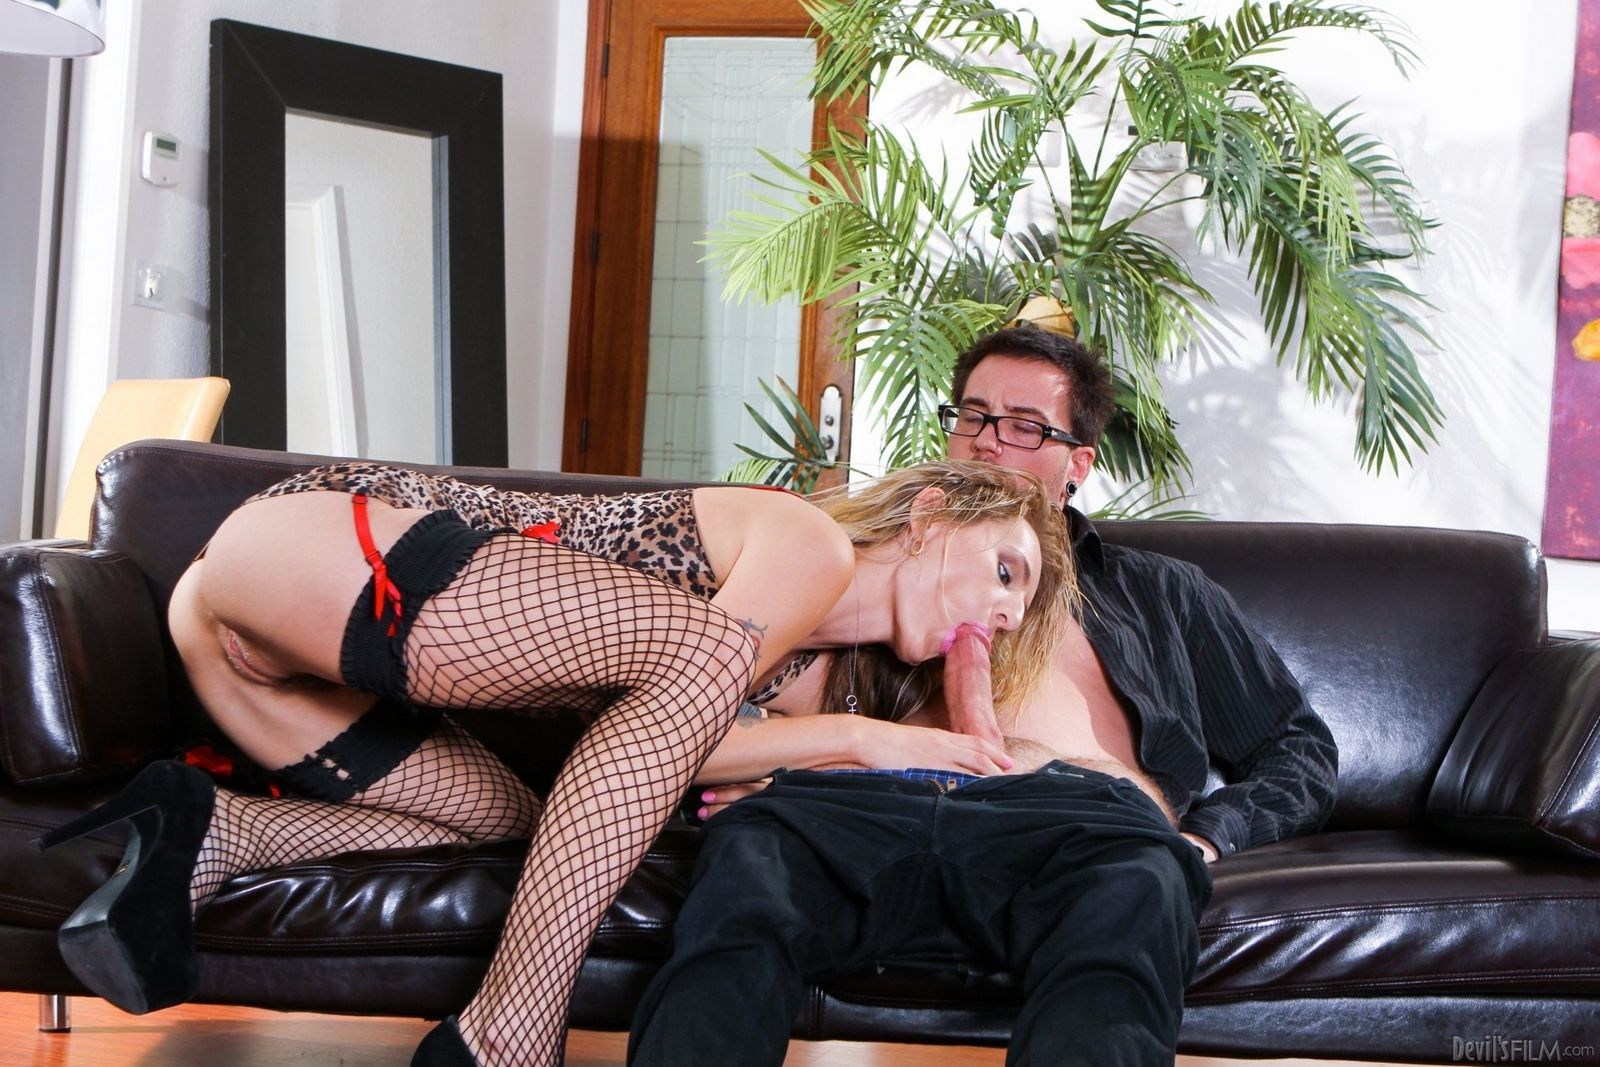 Смотреть sex онлайн